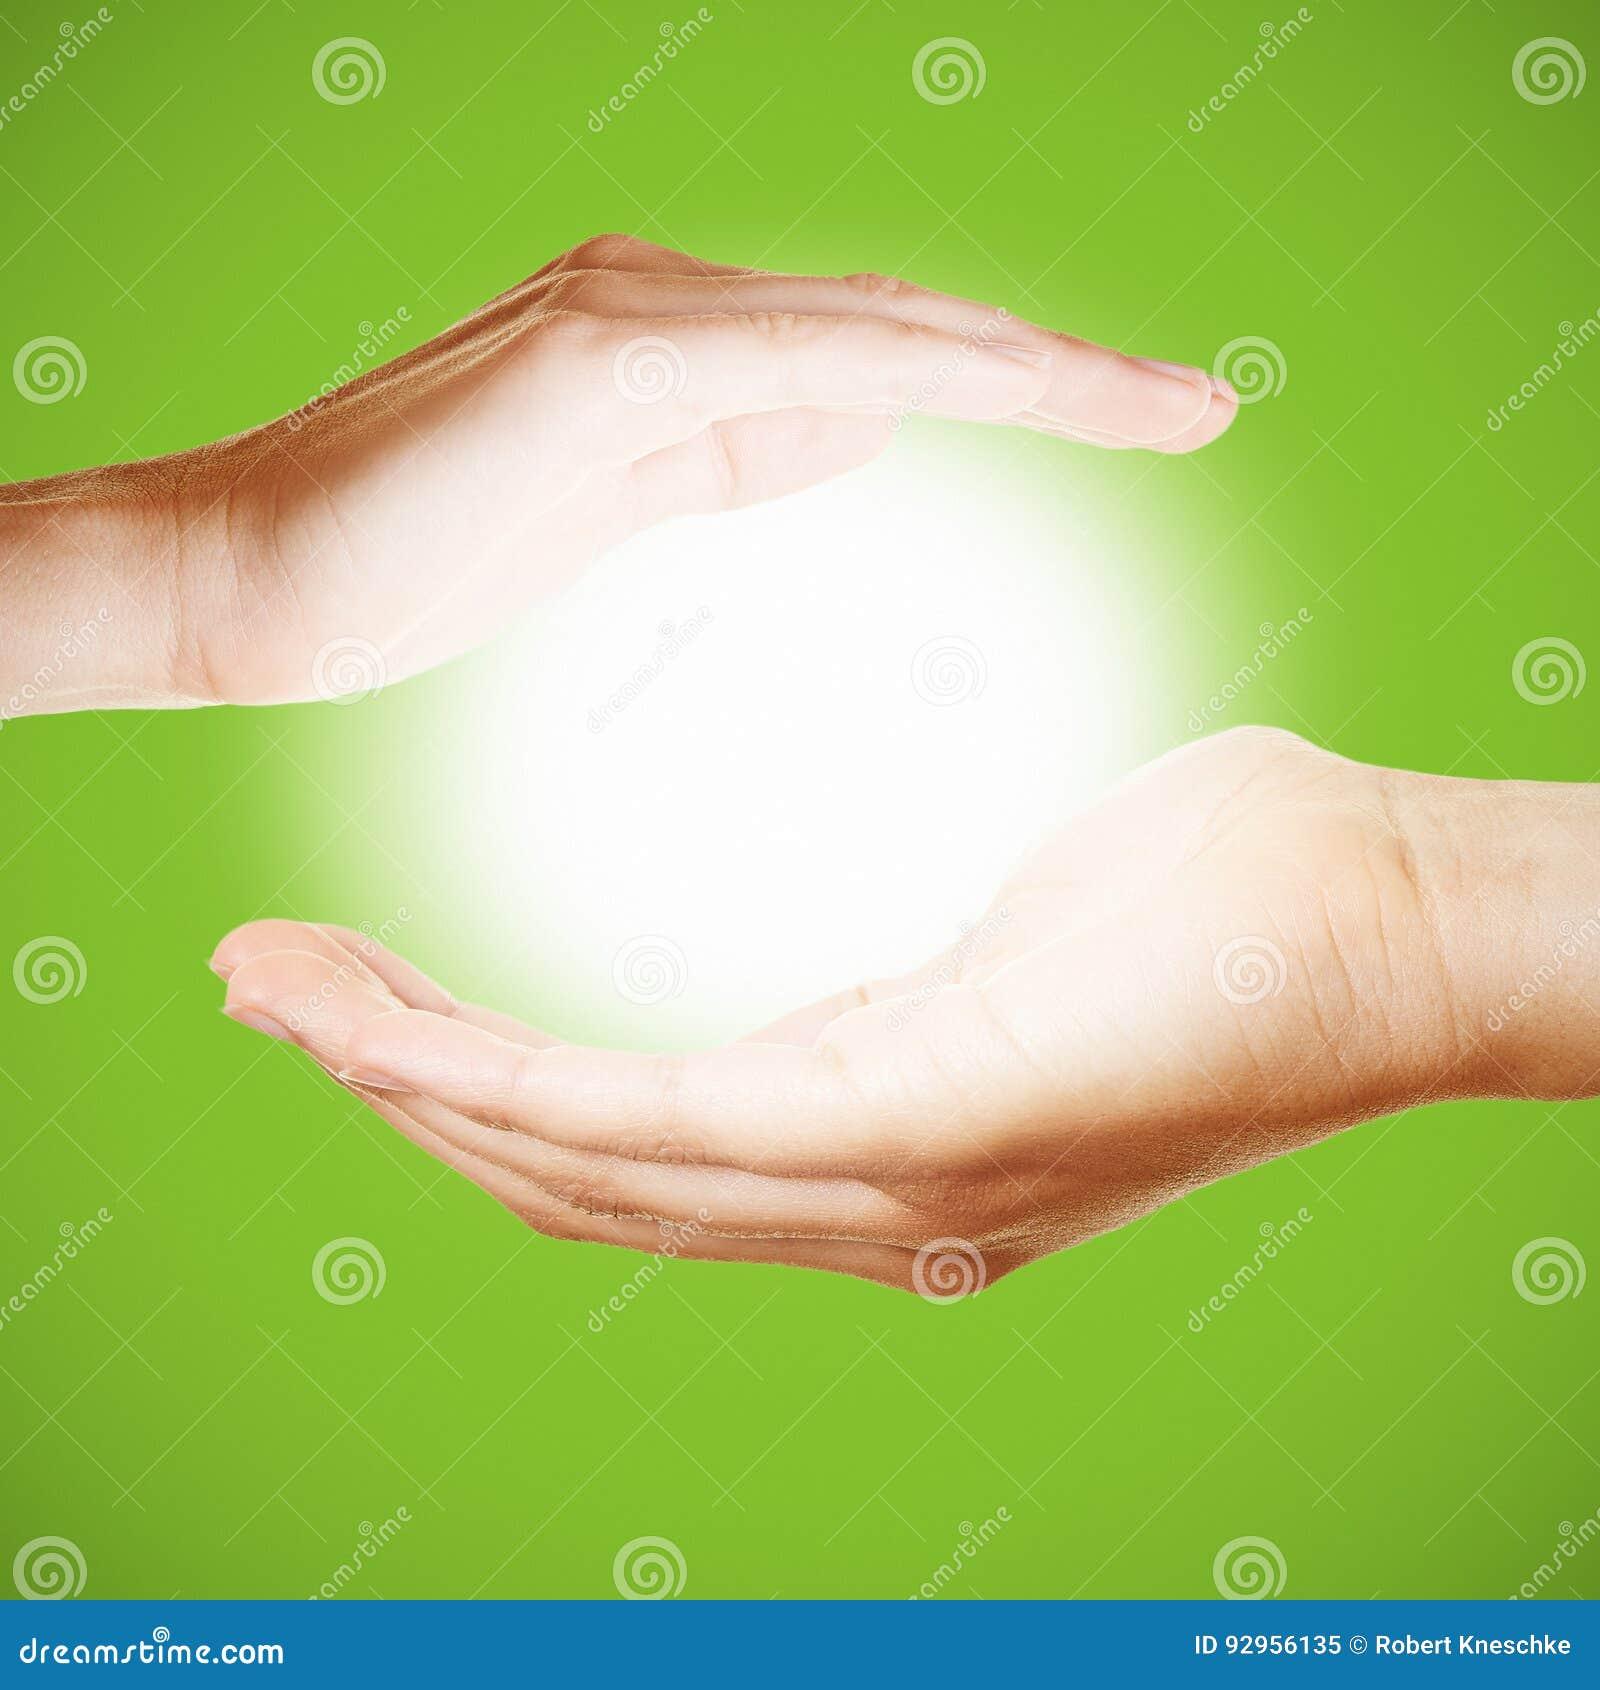 Två händer rymmer ett glödande ljus eller sol